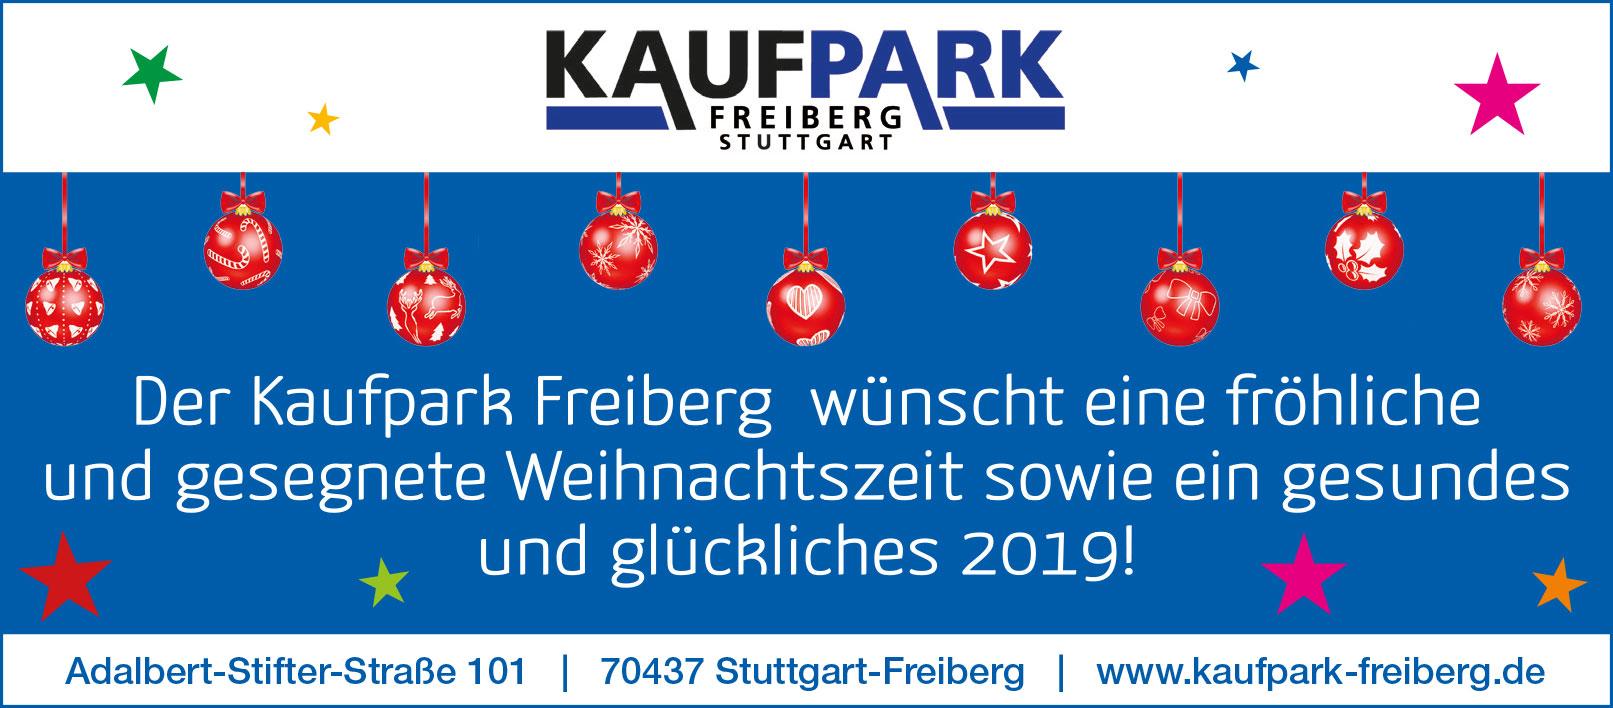 Weihnachts- und Neujahrsgrüße 2018/2019